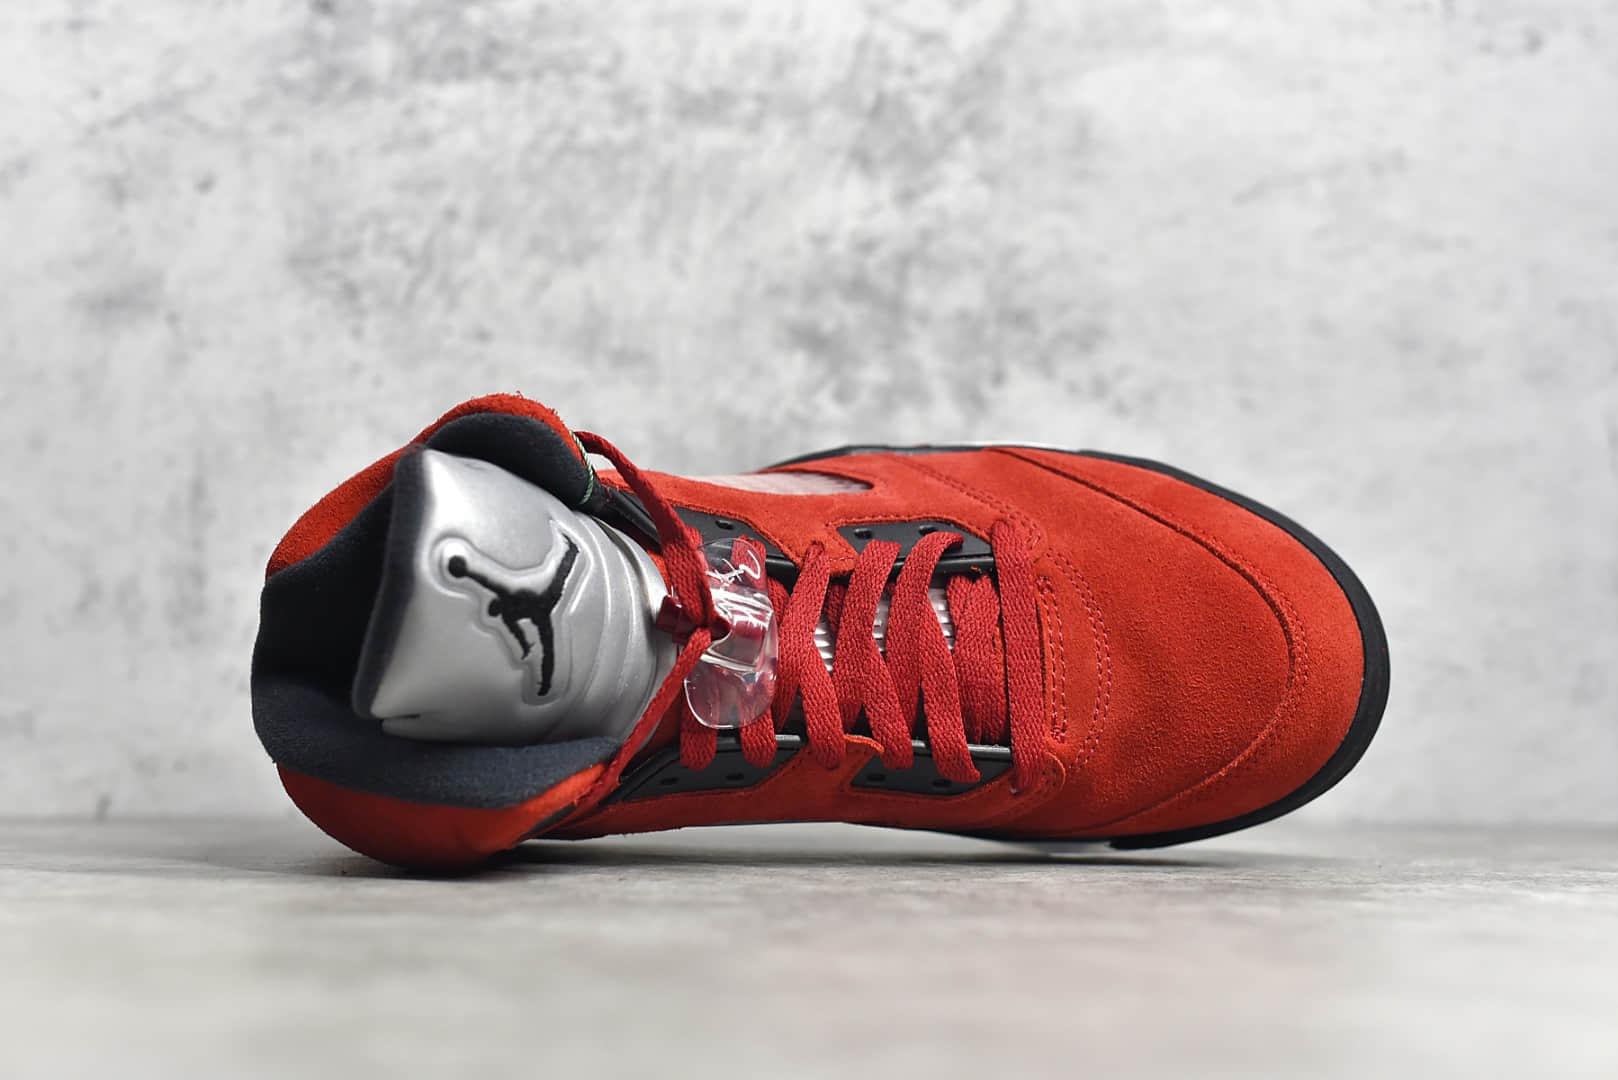 AJ5愤怒的公牛黑红高帮篮球鞋 Air Jordan 5 莆田顶级版本实战篮球鞋 AJ5红色麂皮高帮 货号:DD0587-600-潮流者之家